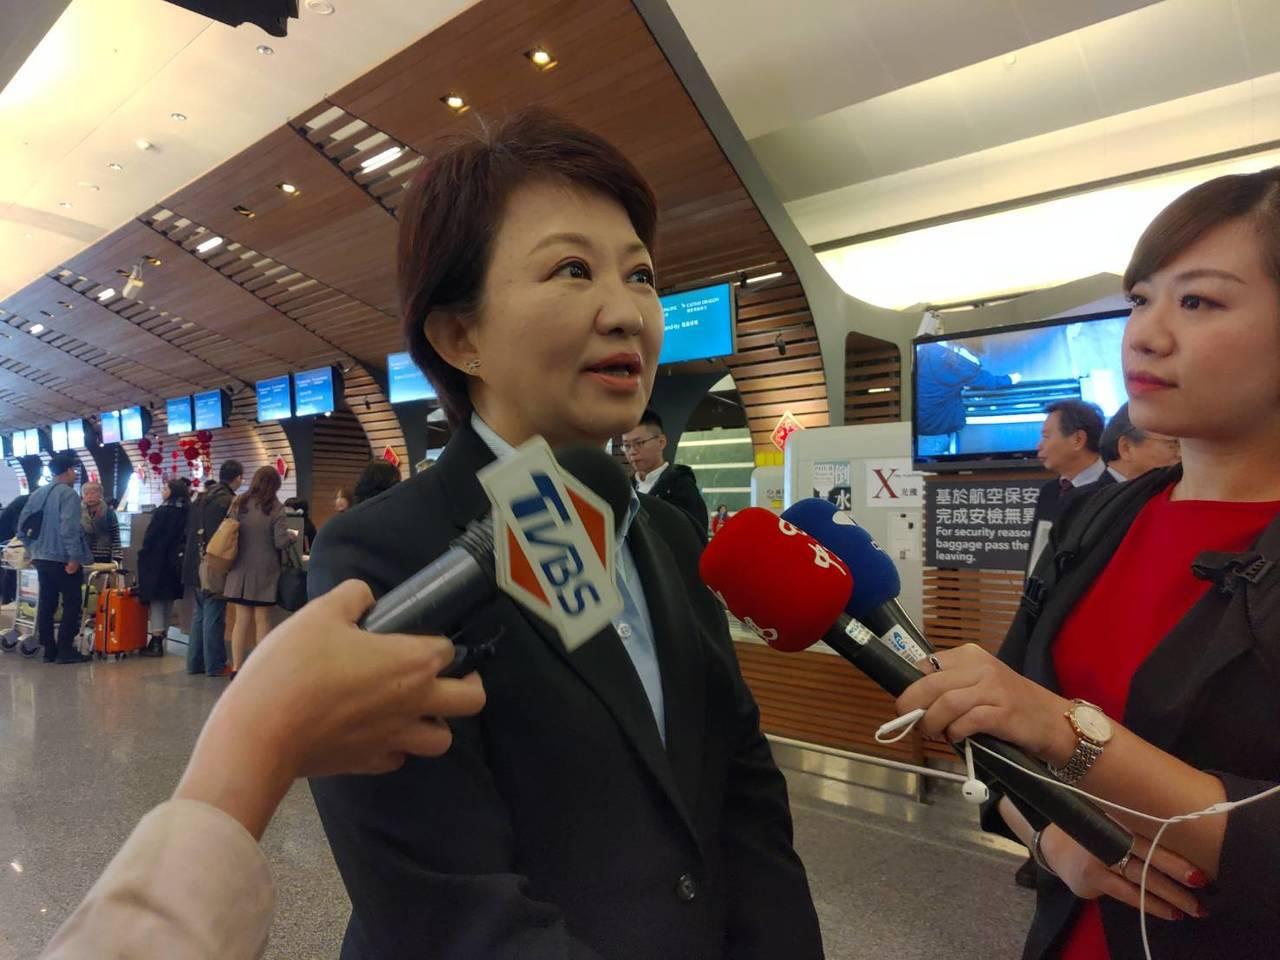 台中市長盧秀燕上任後首度出訪香港,她今早搭機前往,晚上回台中,一日來回拚經濟。盧...